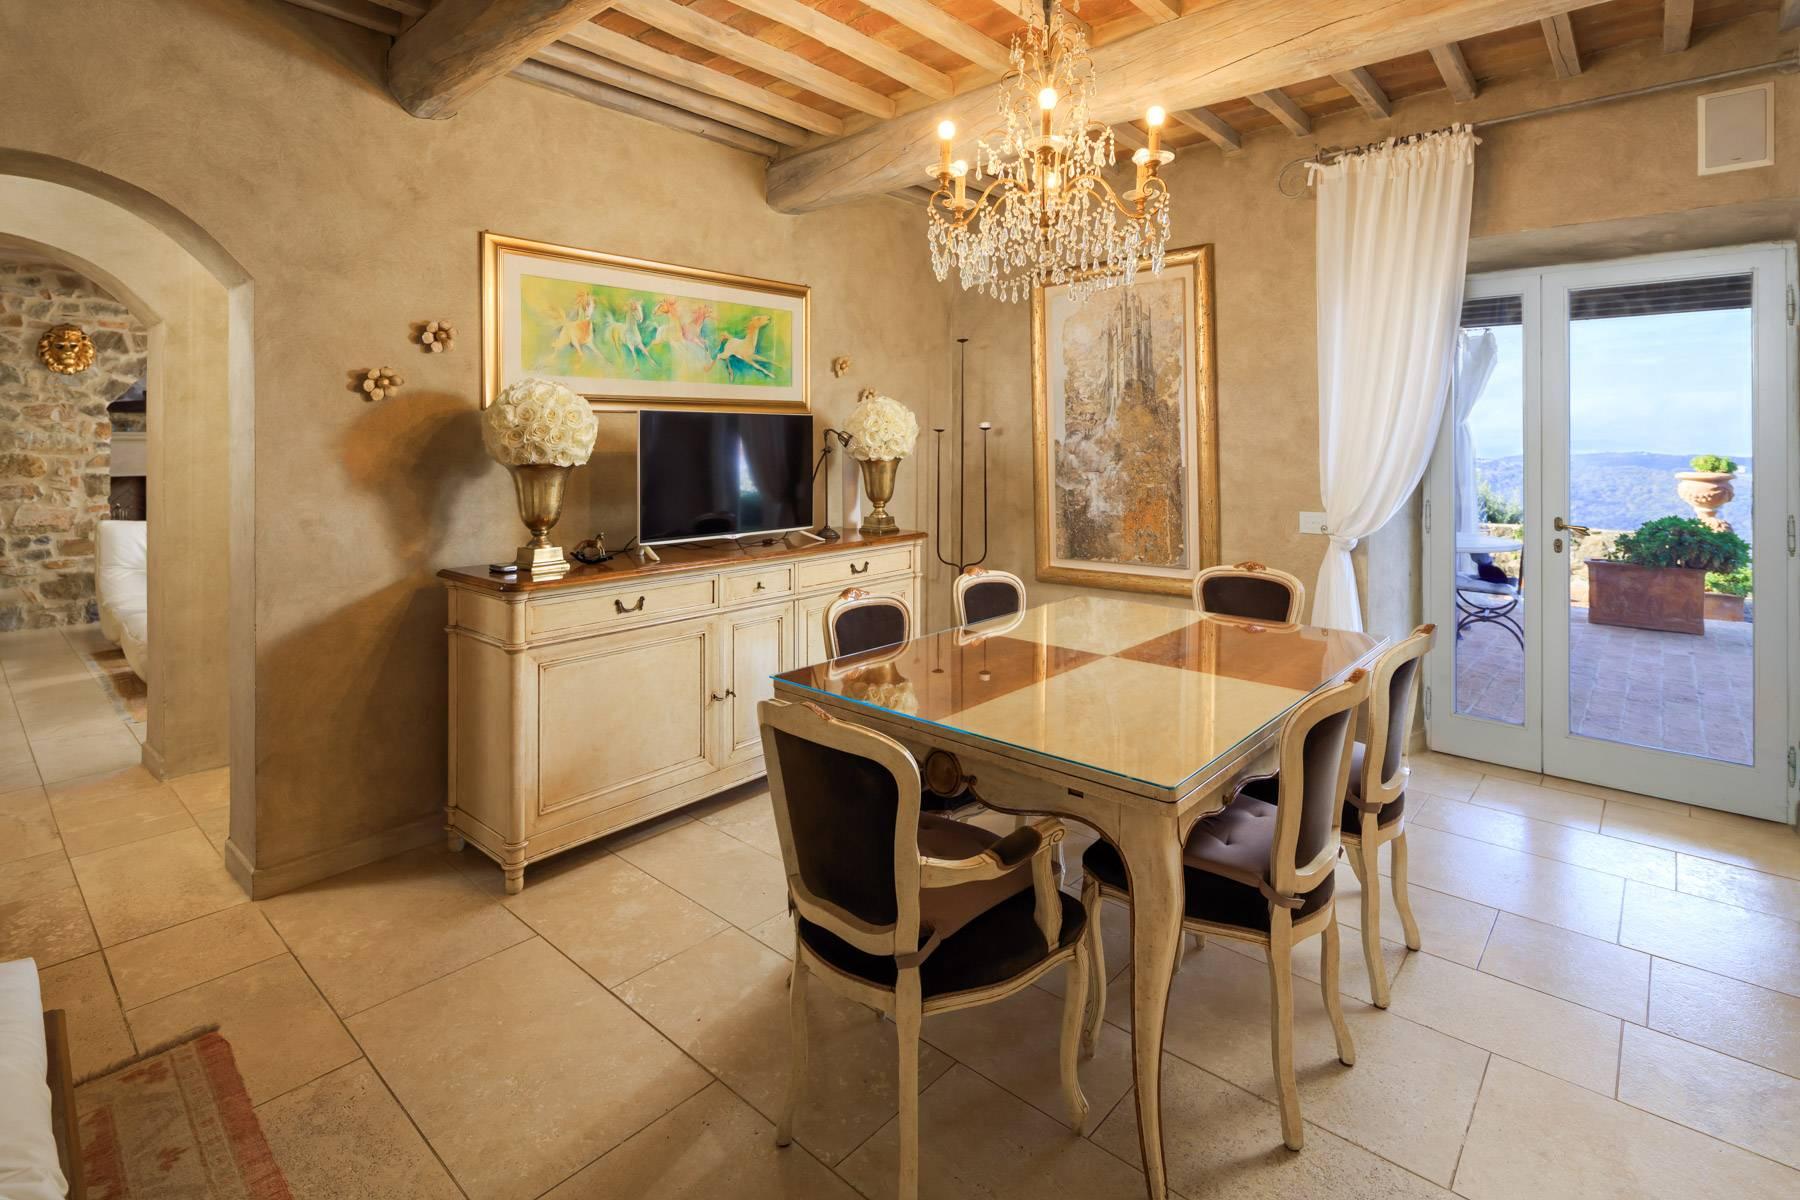 Rustico in Vendita a Montalcino: 5 locali, 300 mq - Foto 11